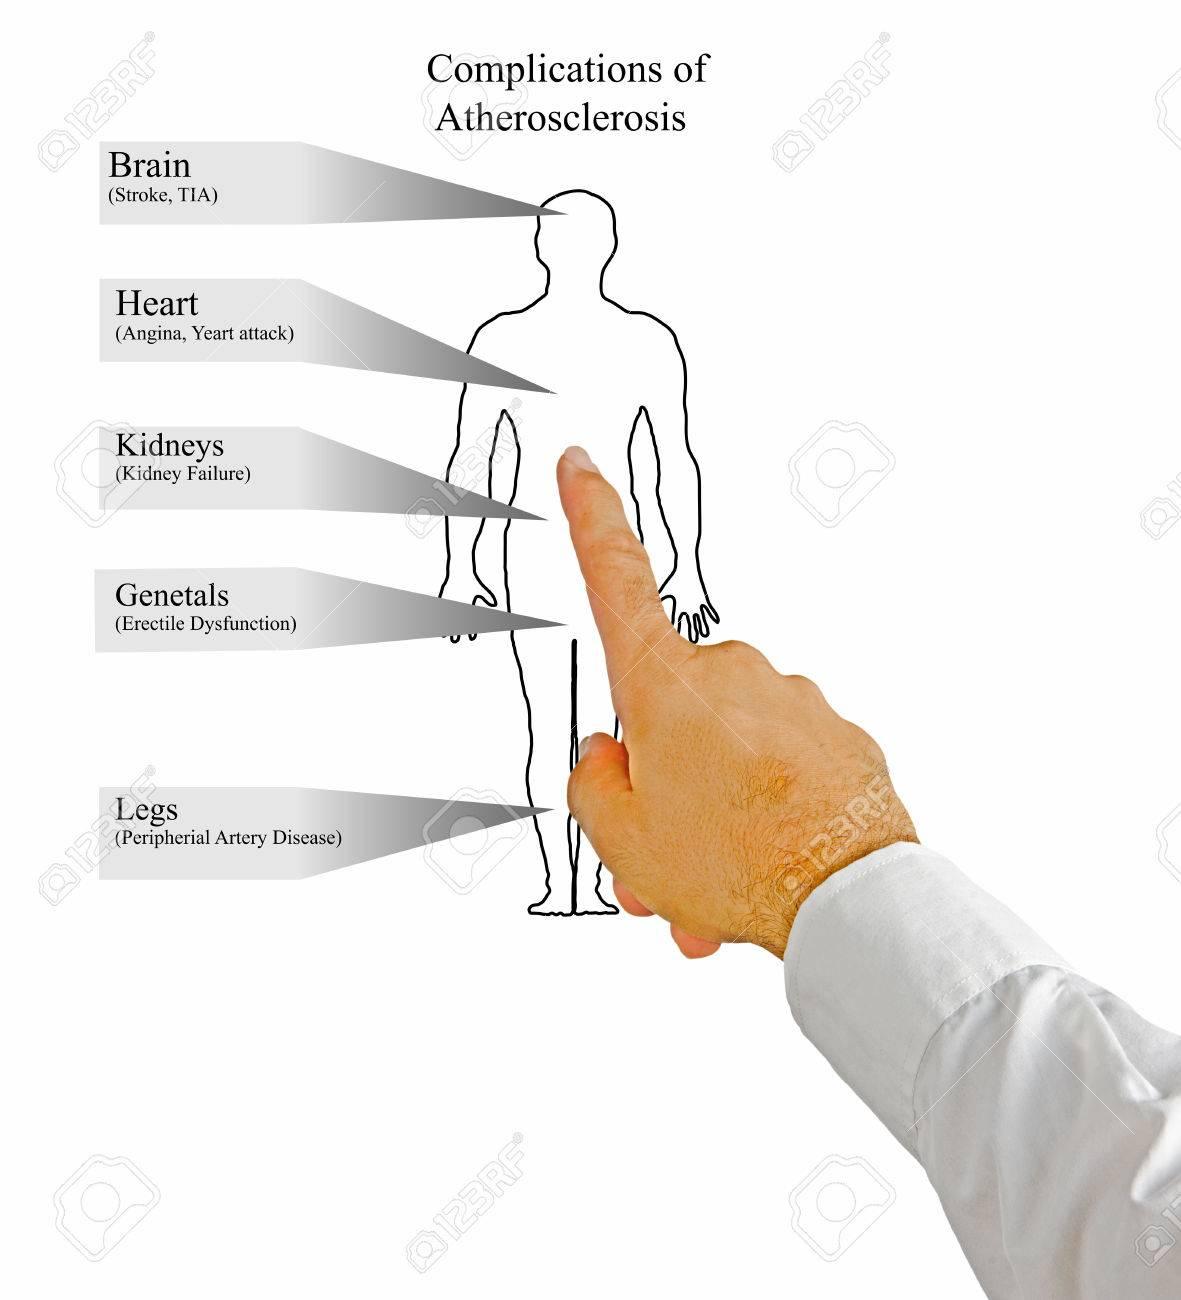 アテローム性動脈硬化症 ロイヤ...